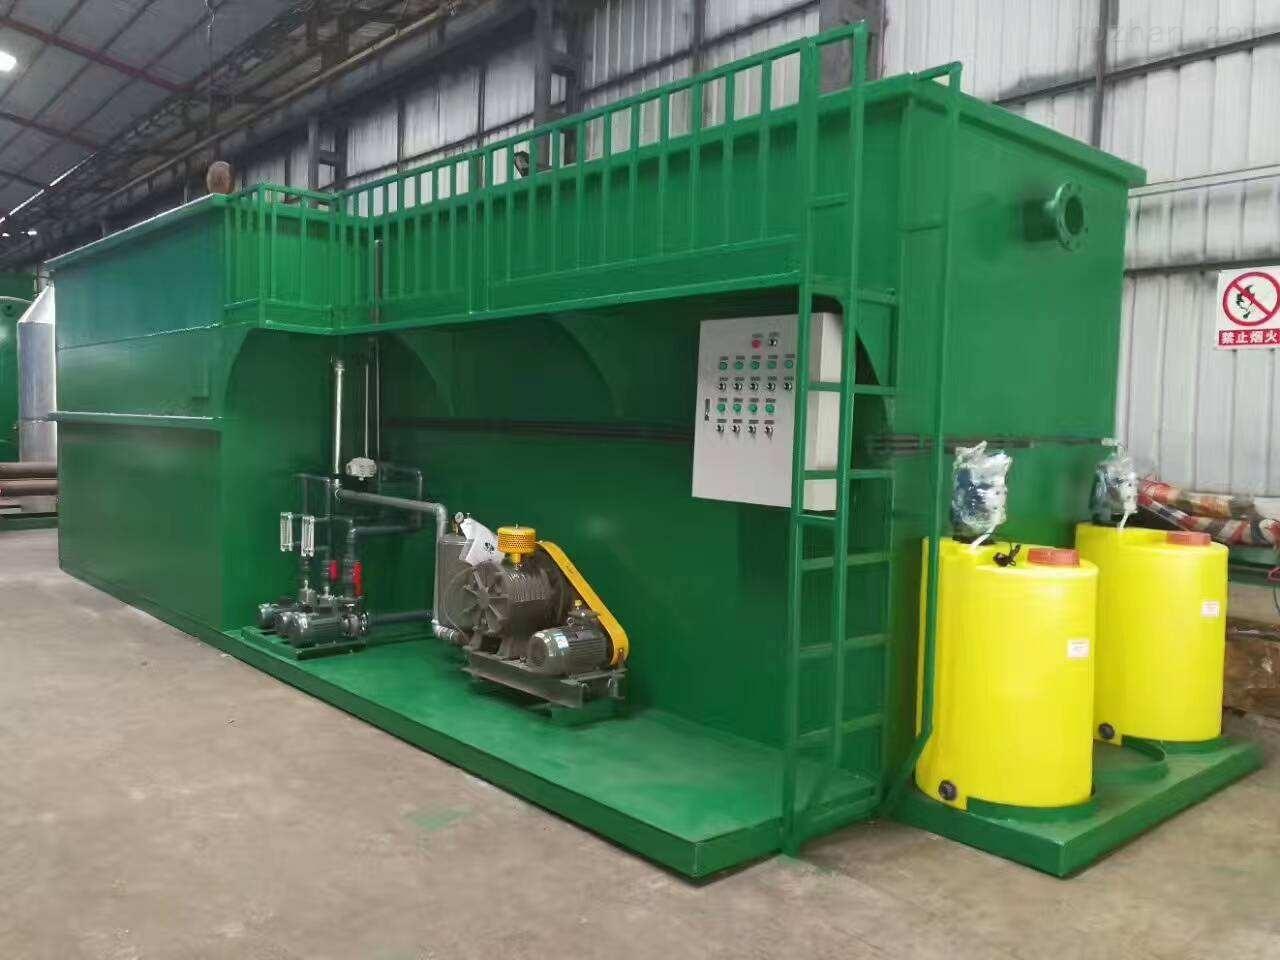 阿勒泰地区食品污水处理装置